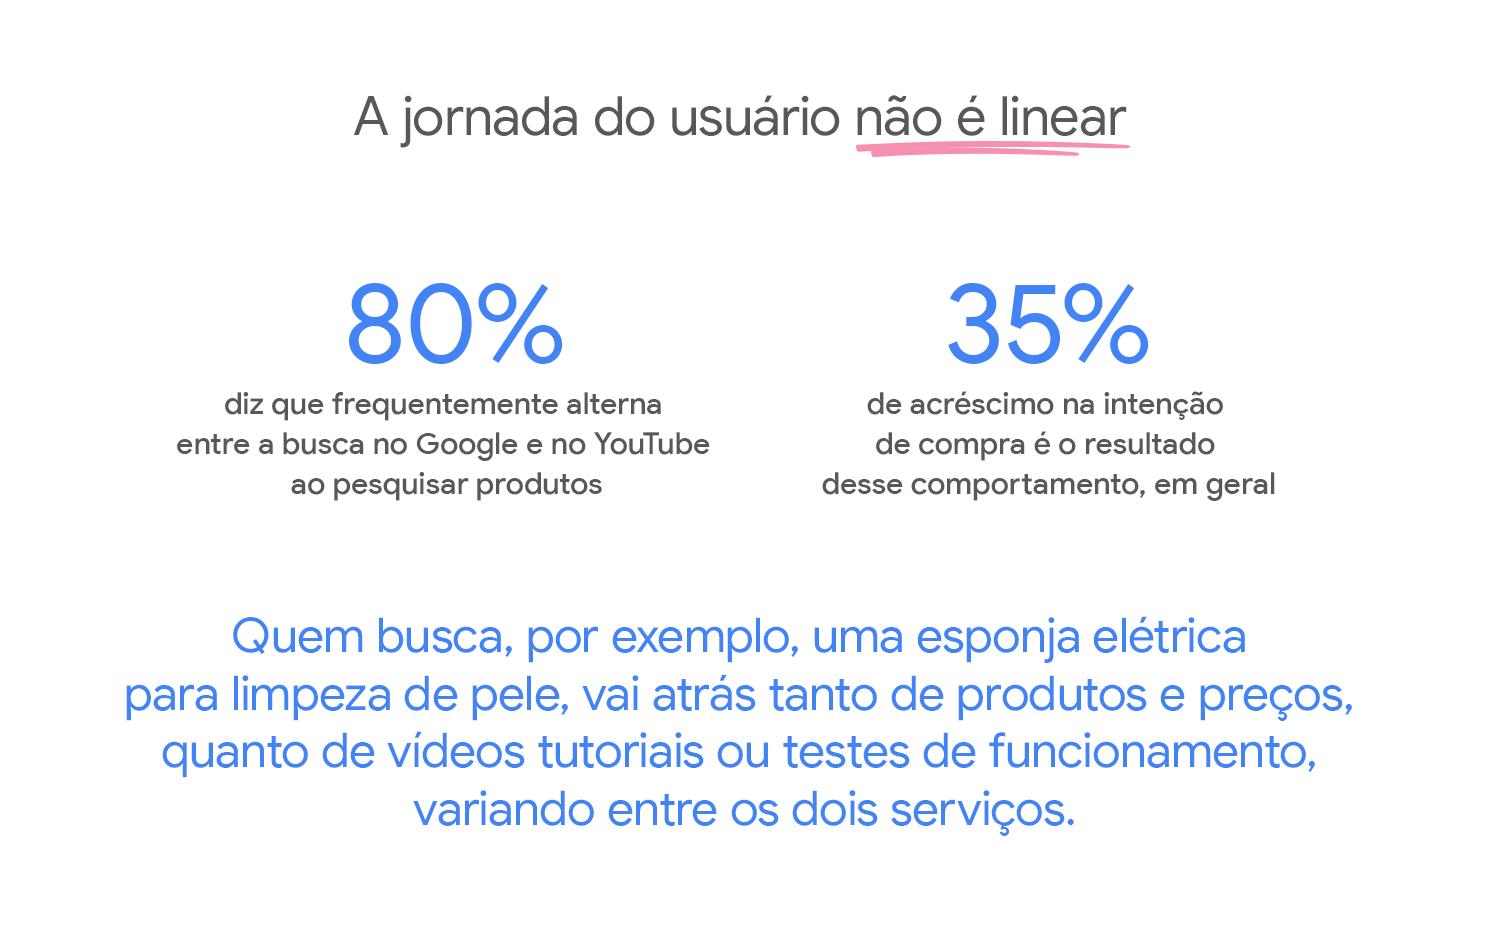 A jornada do usuário não é linear